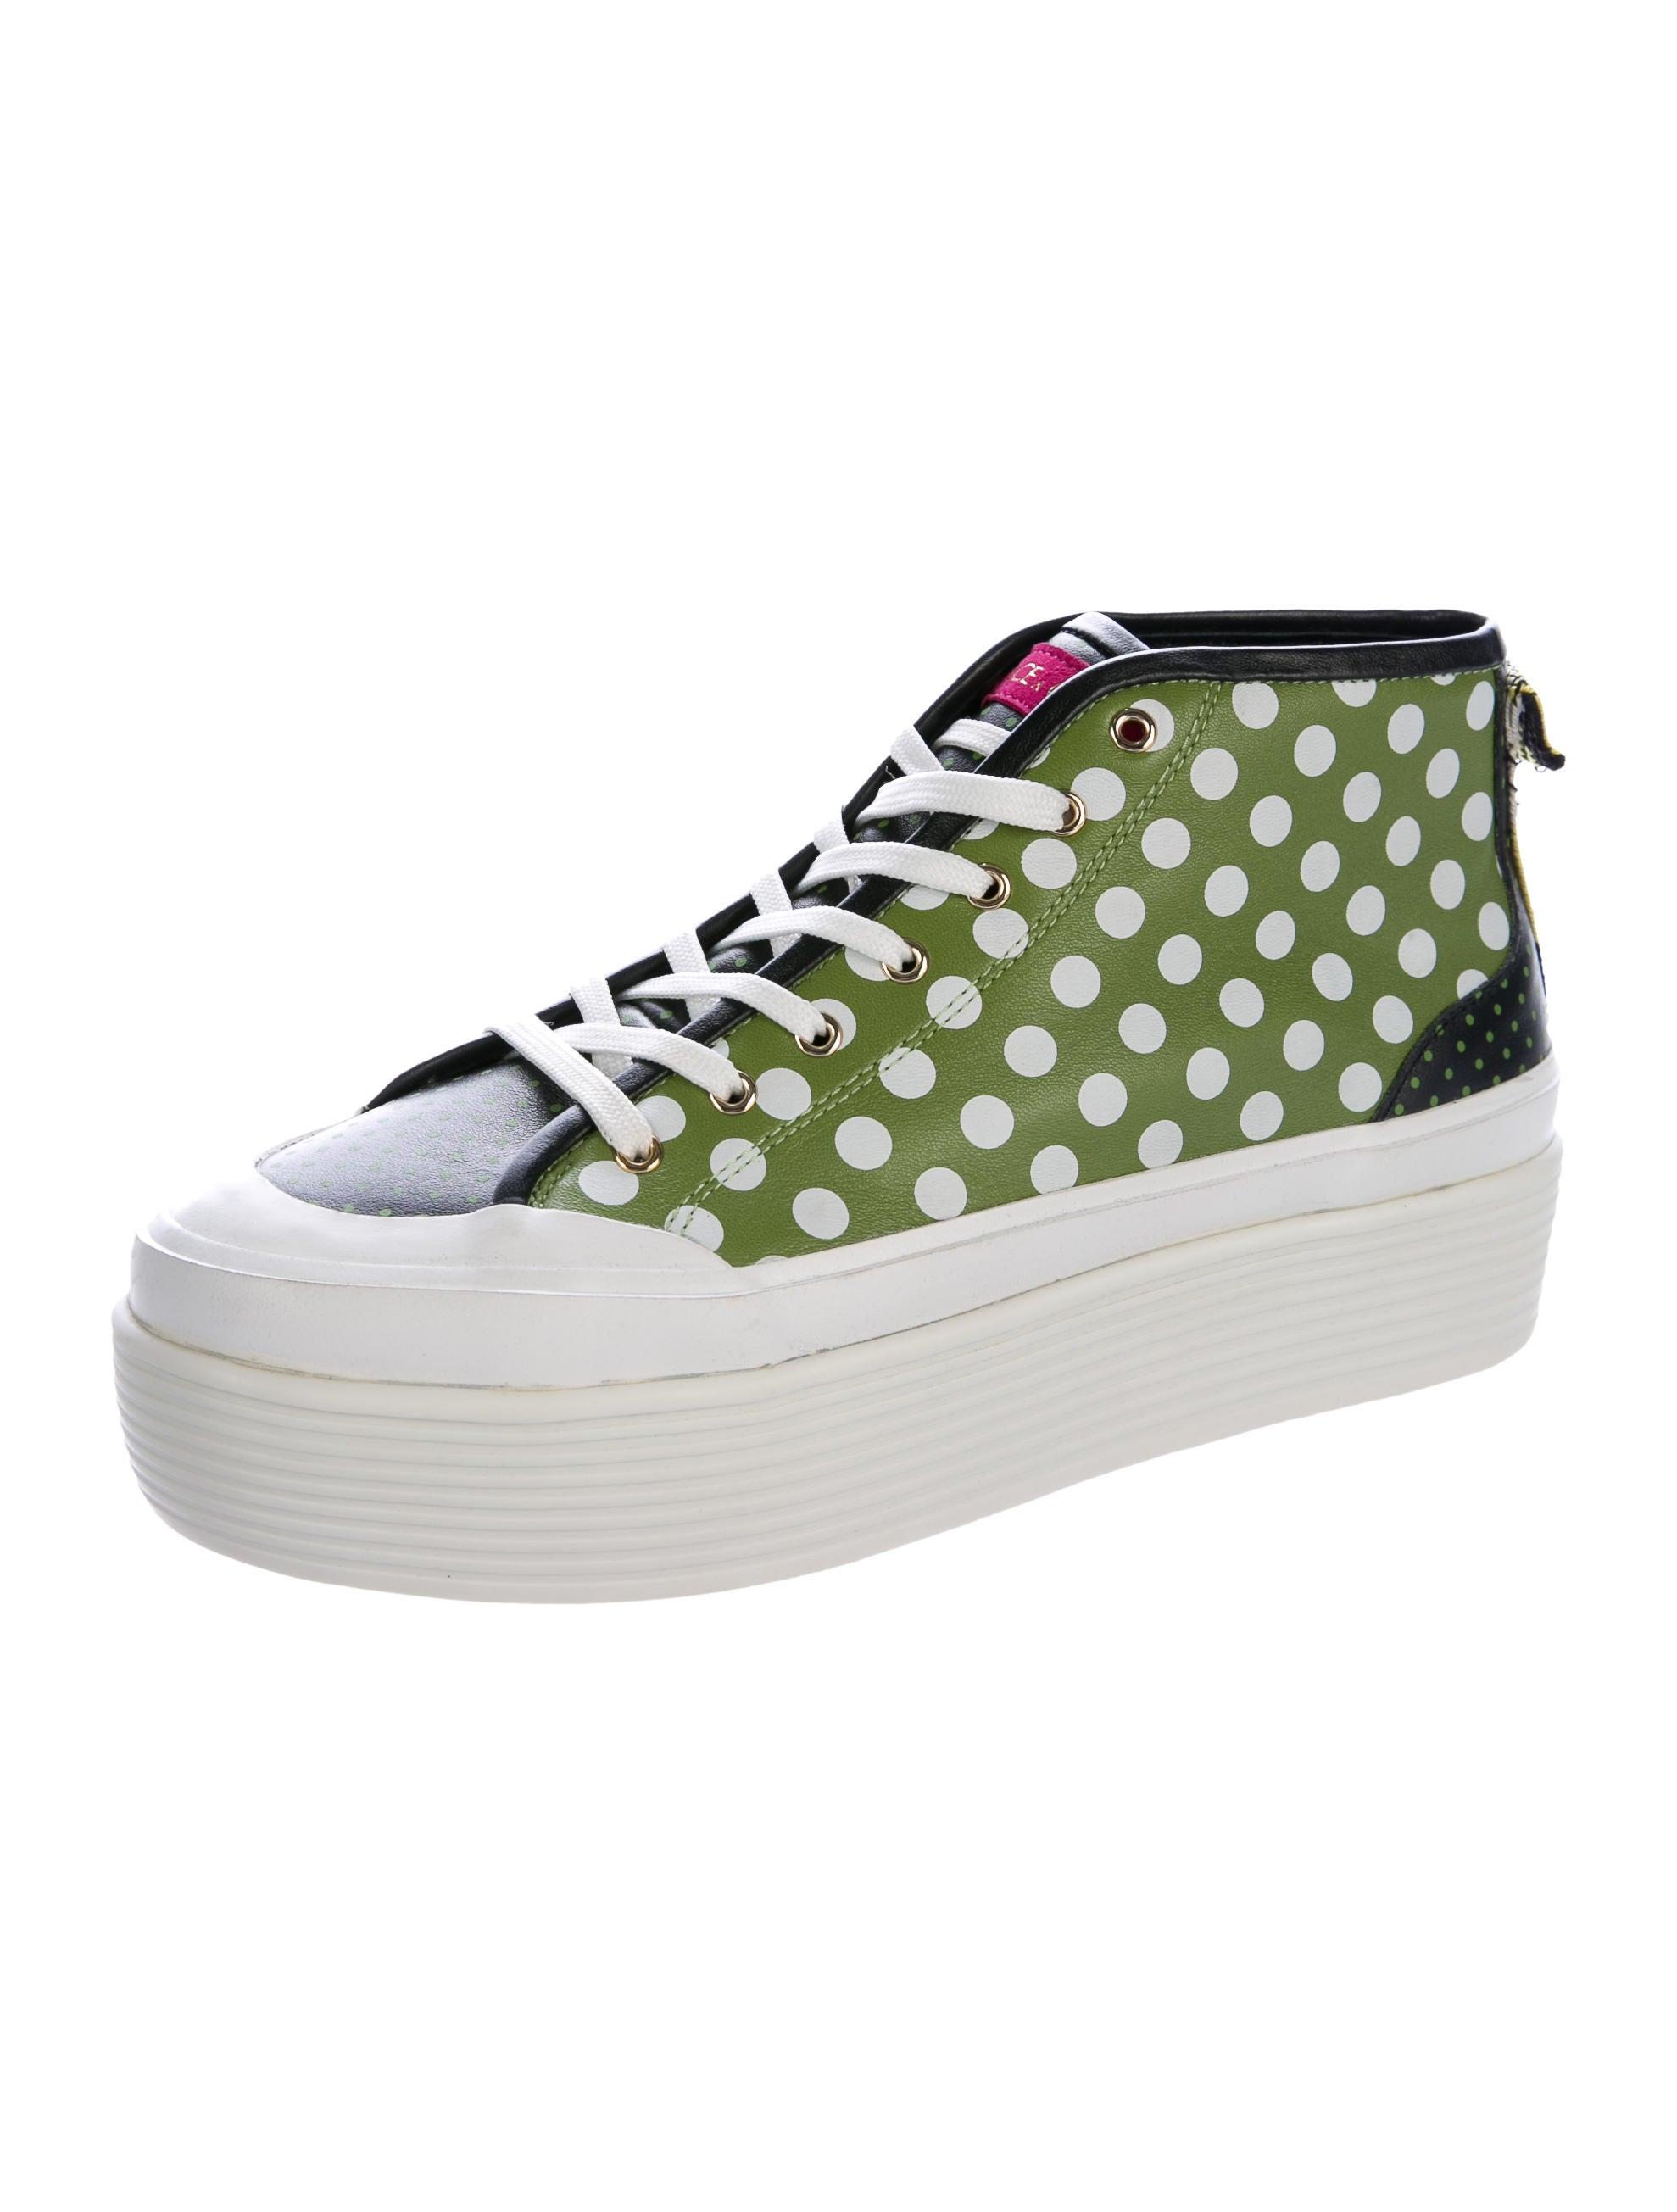 dolce gabbana leather platform sneakers shoes. Black Bedroom Furniture Sets. Home Design Ideas